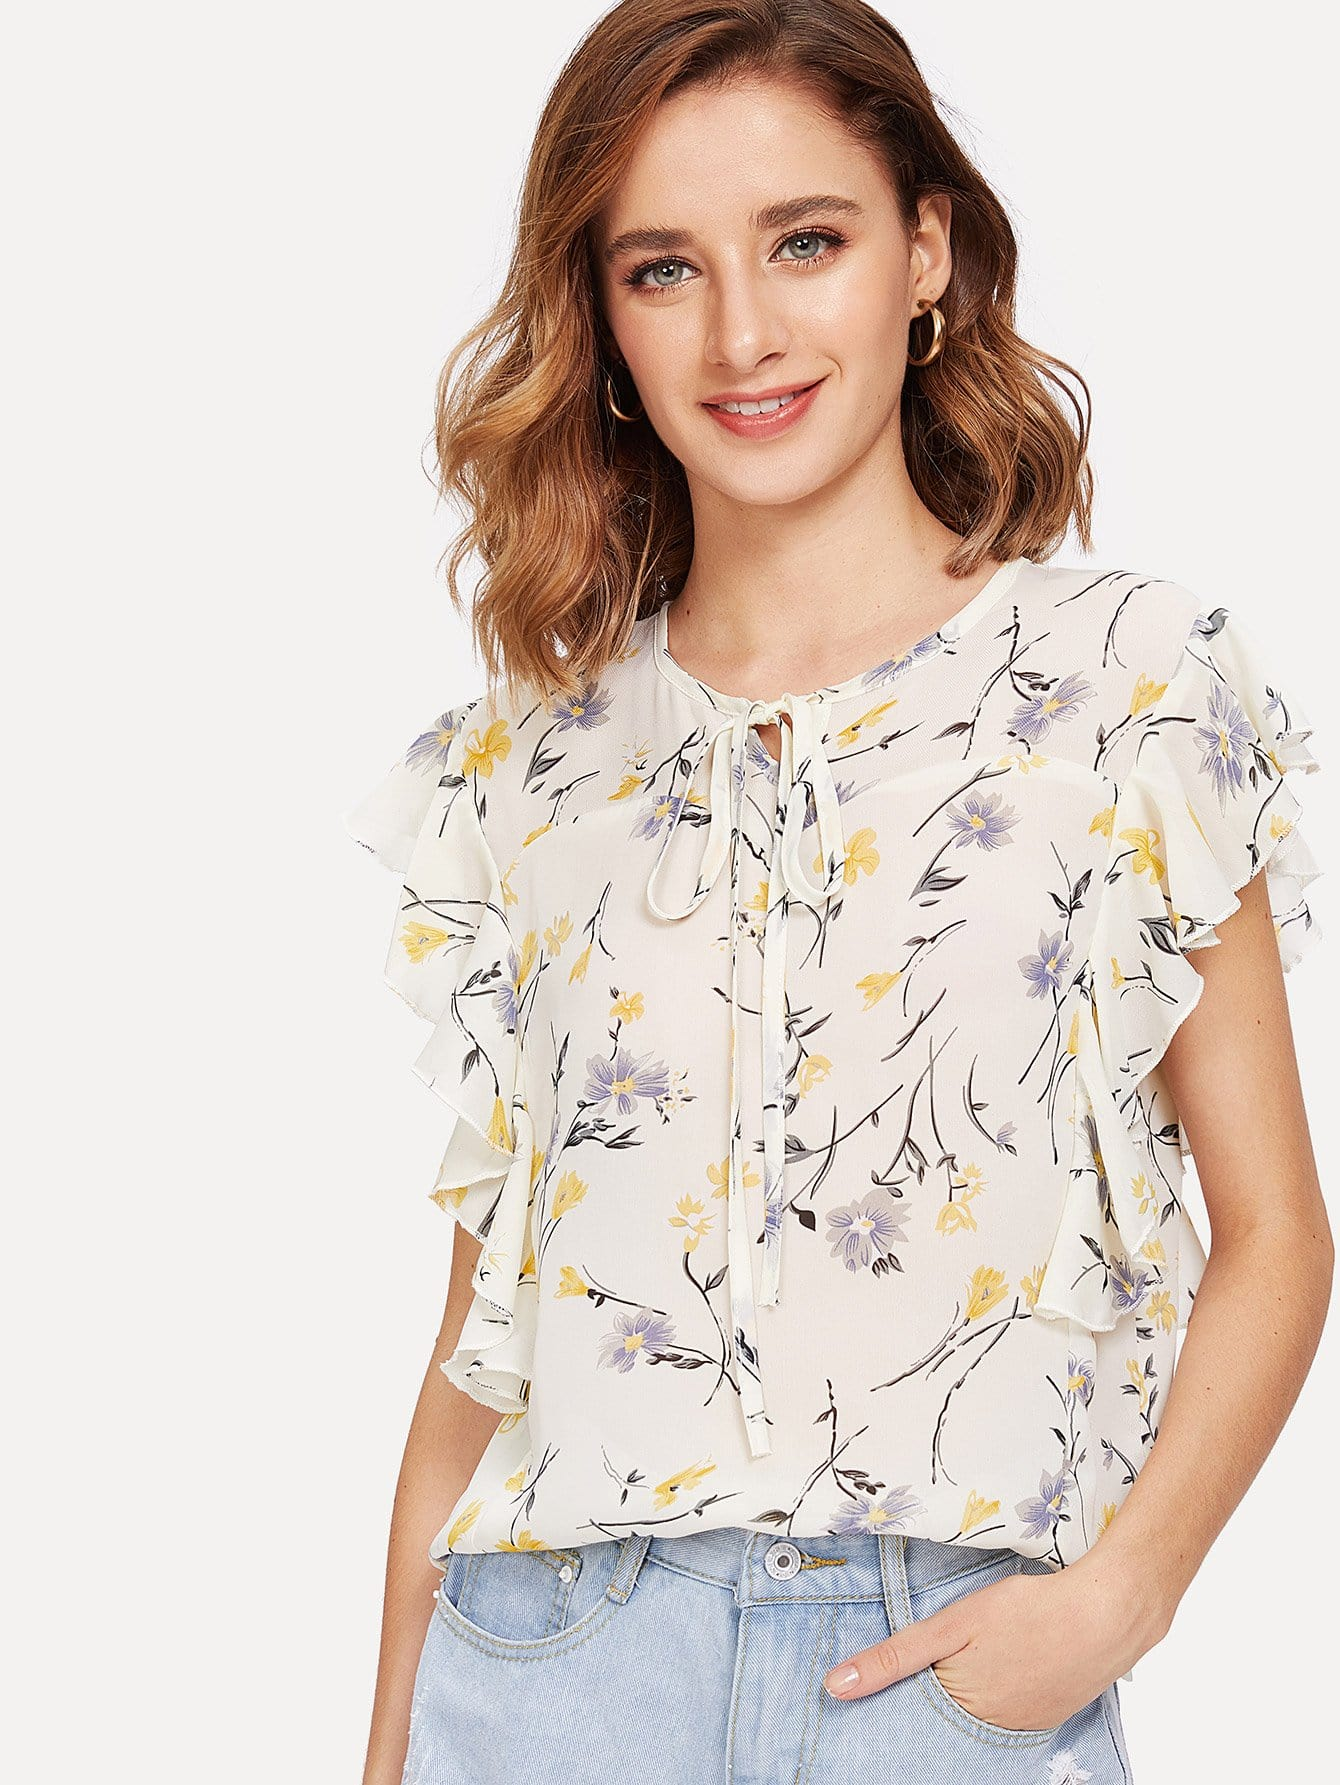 Tie Front Floral Print Blouse self tie front floral print blouse